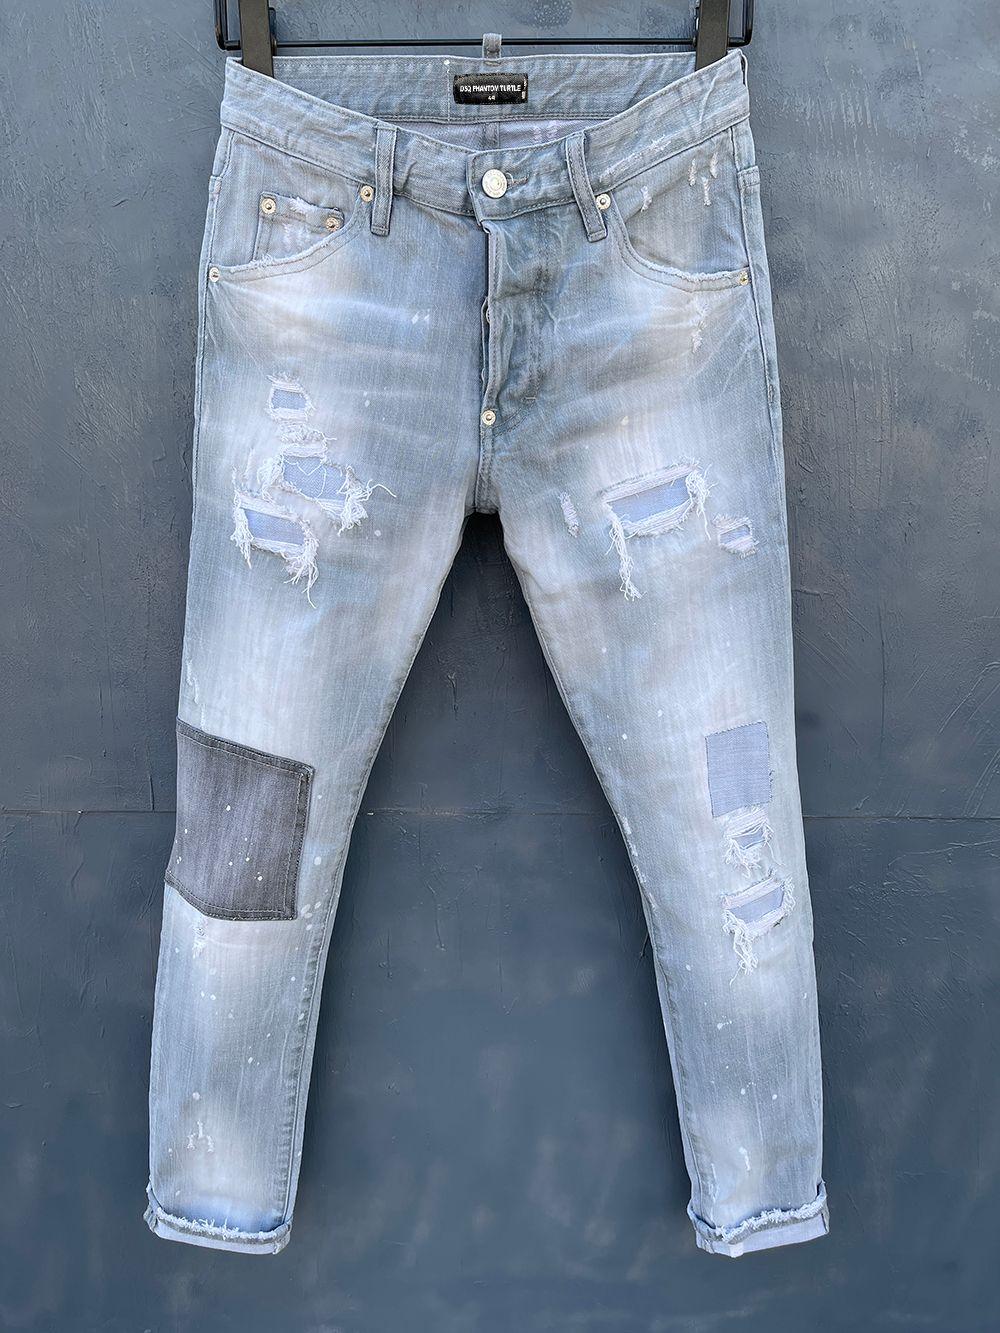 DSQ Phantom Tortue Classic Mode Homme Jeans Hip Hop Rock Moto Mens Décontracté Design Décontracté Jeans Détresse Skinny Denim Biker DSQ Jeans 1043